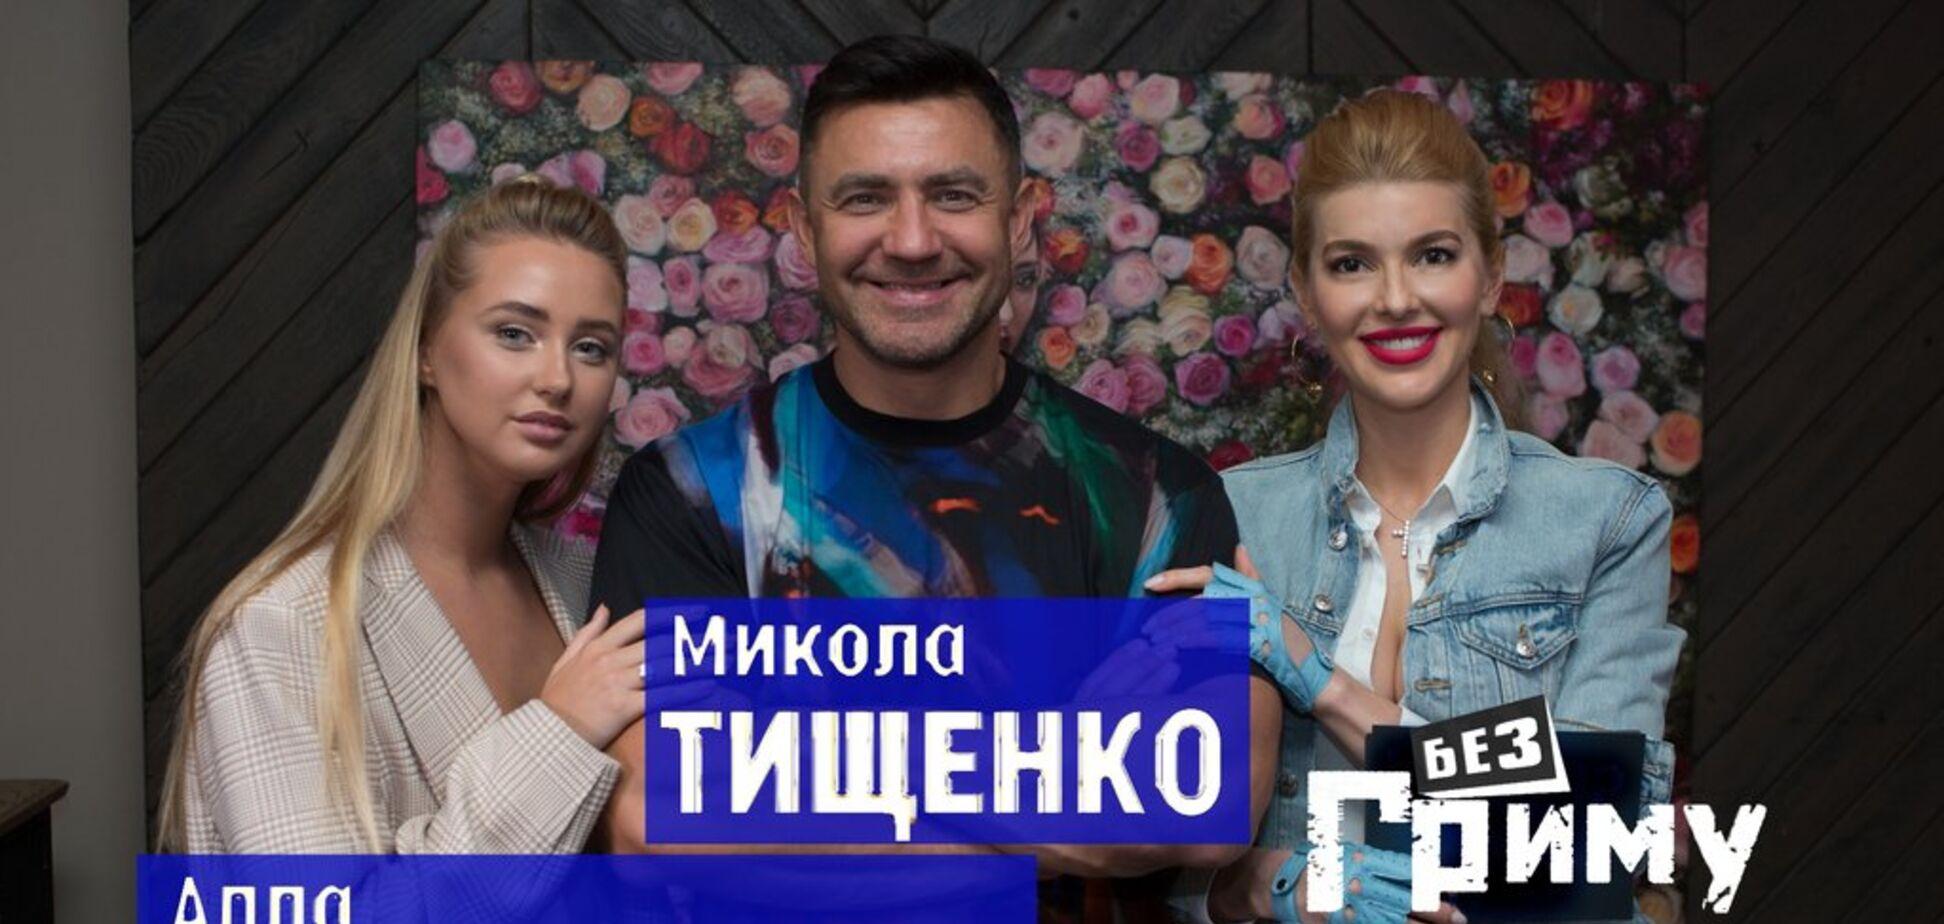 Якщо щось не подобається, потрібно завжди говорити – Микола Тищенко та Алла Барановська в бліц-шоу ''Без гриму''